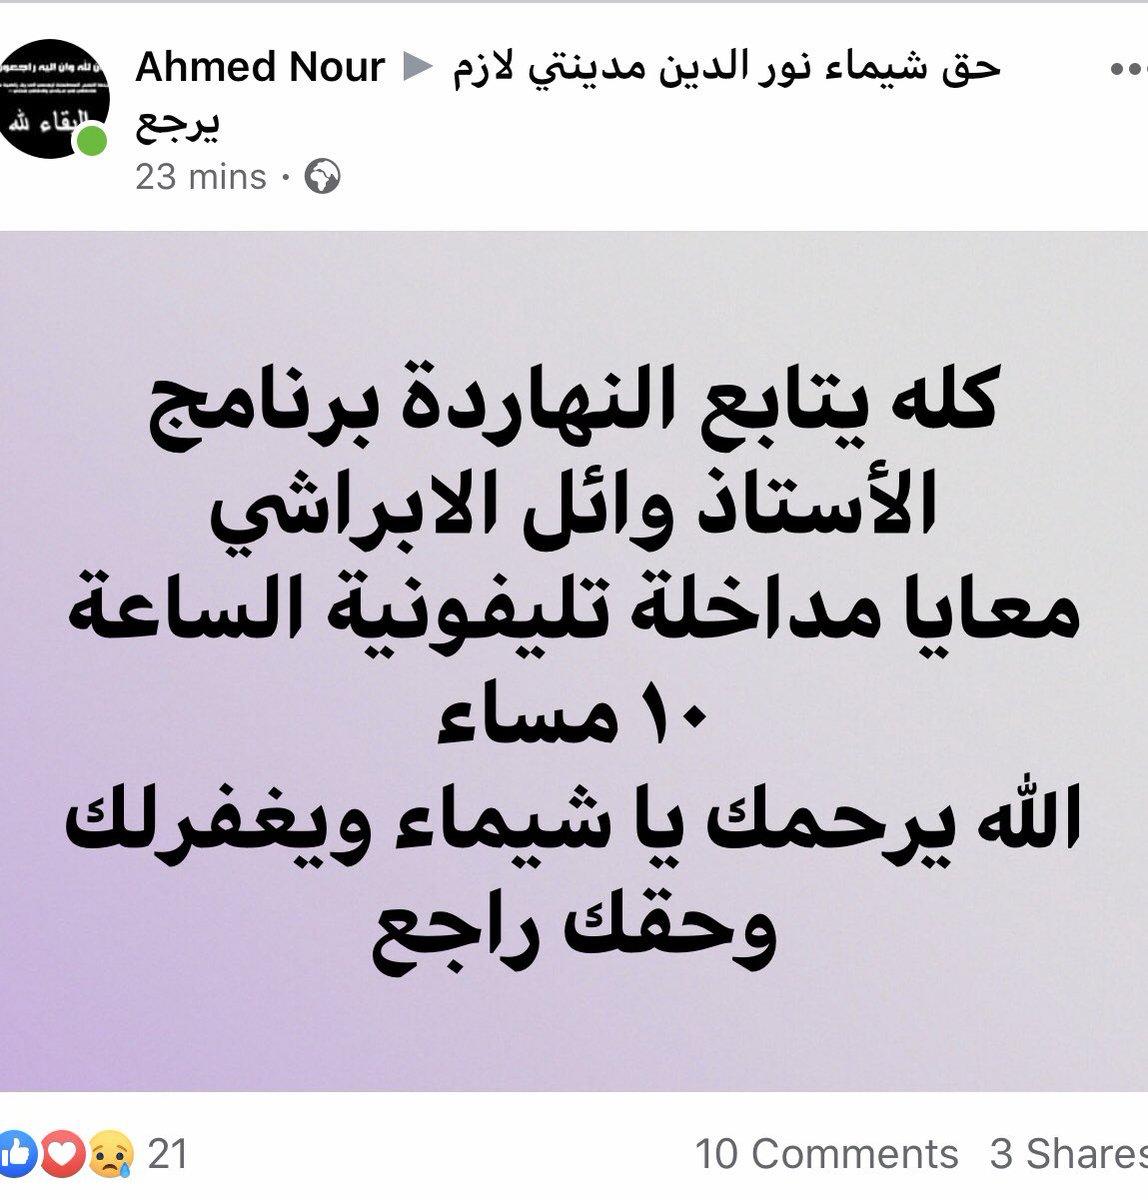 اول امبارح في مدينتي منطقة B7 شيماء وصاحبتها ماشيين وفجأة ...